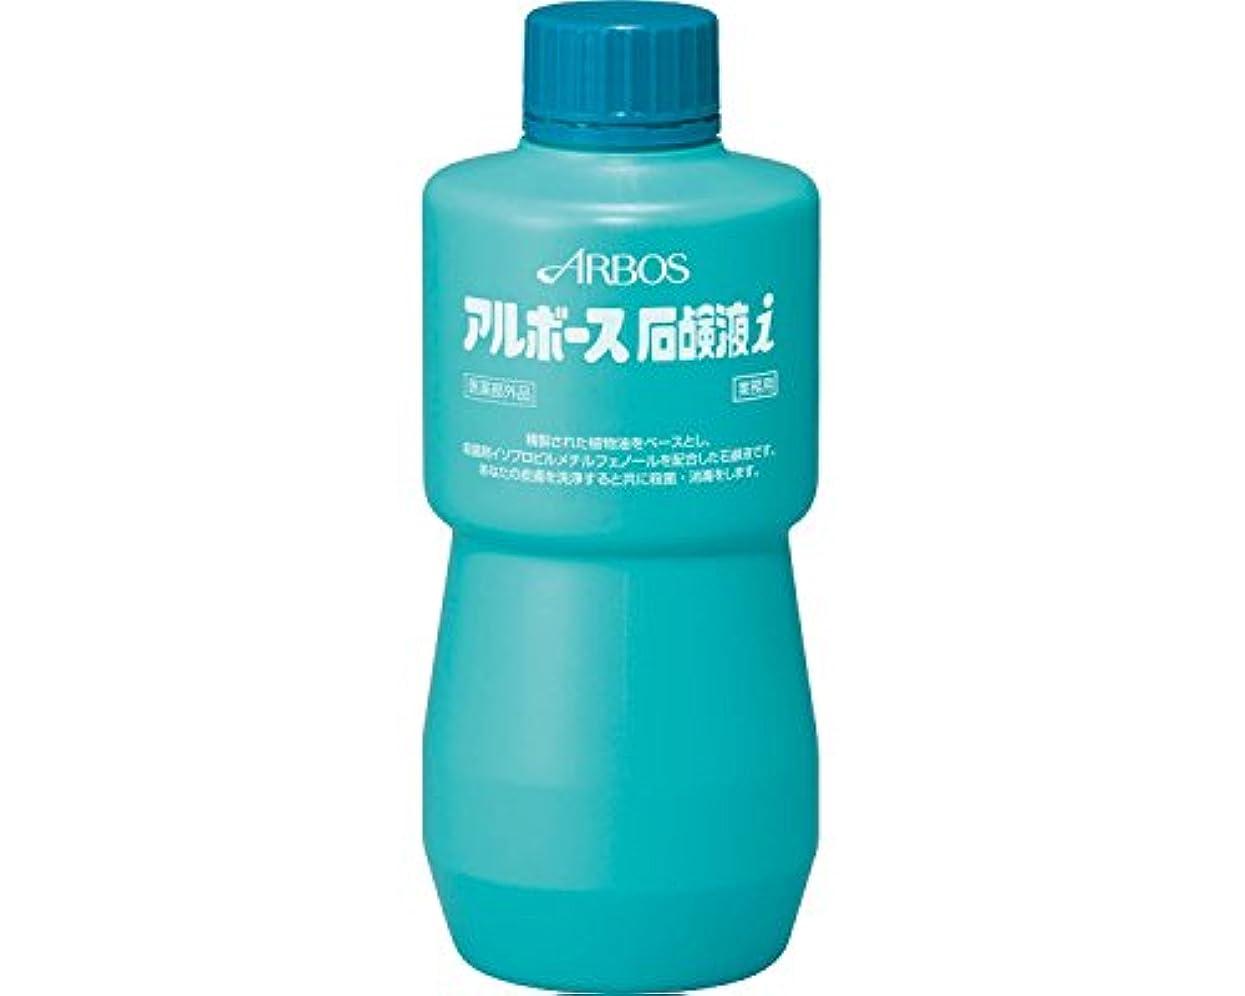 デザイナー顕現支配的アルボース石鹸液i 500g 1ケース(30本入り) (アルボース)